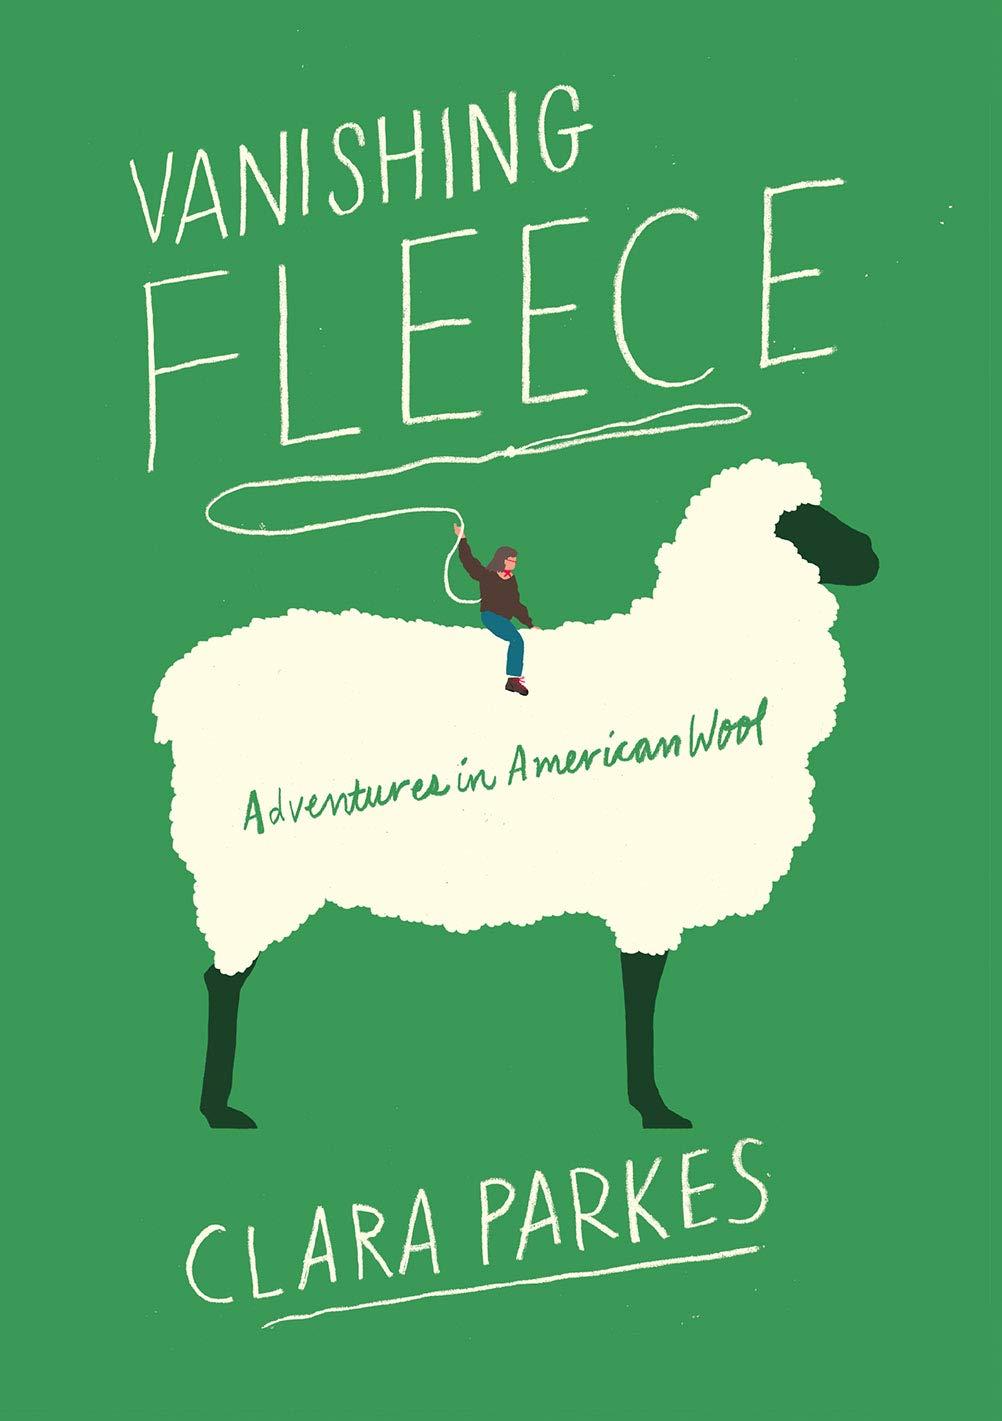 Vanishing Fleece: Adventures in American Wool by Abrams Press